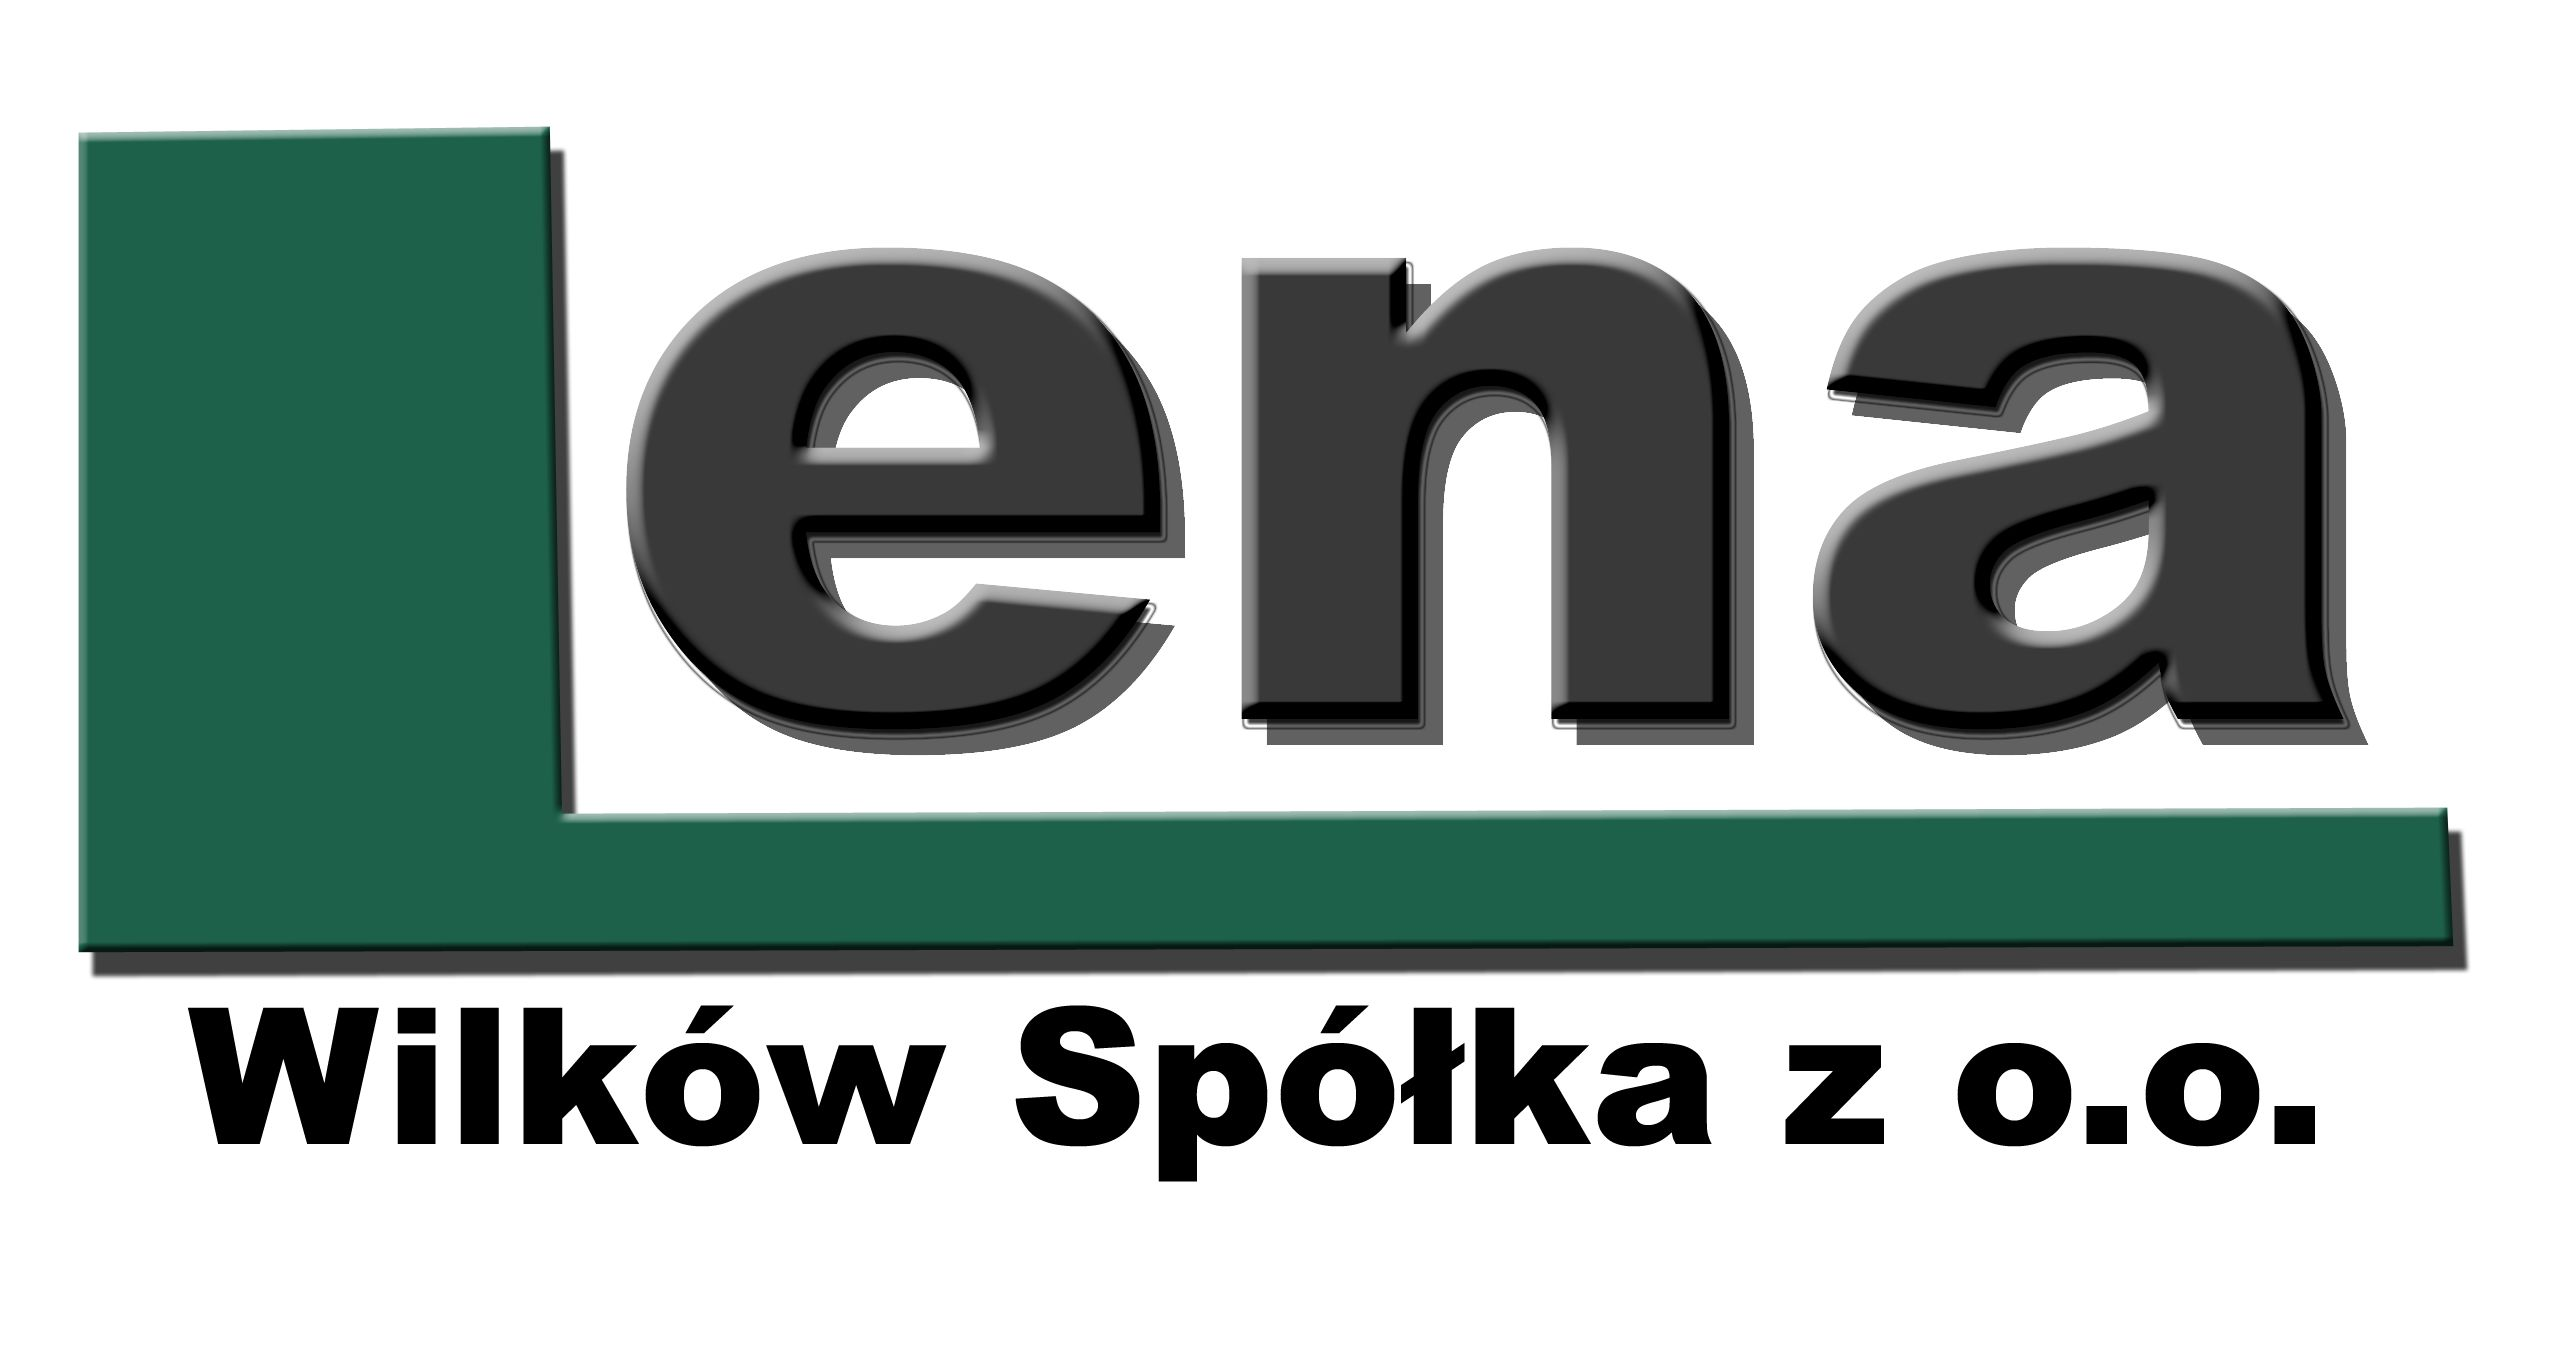 Lena Wilków